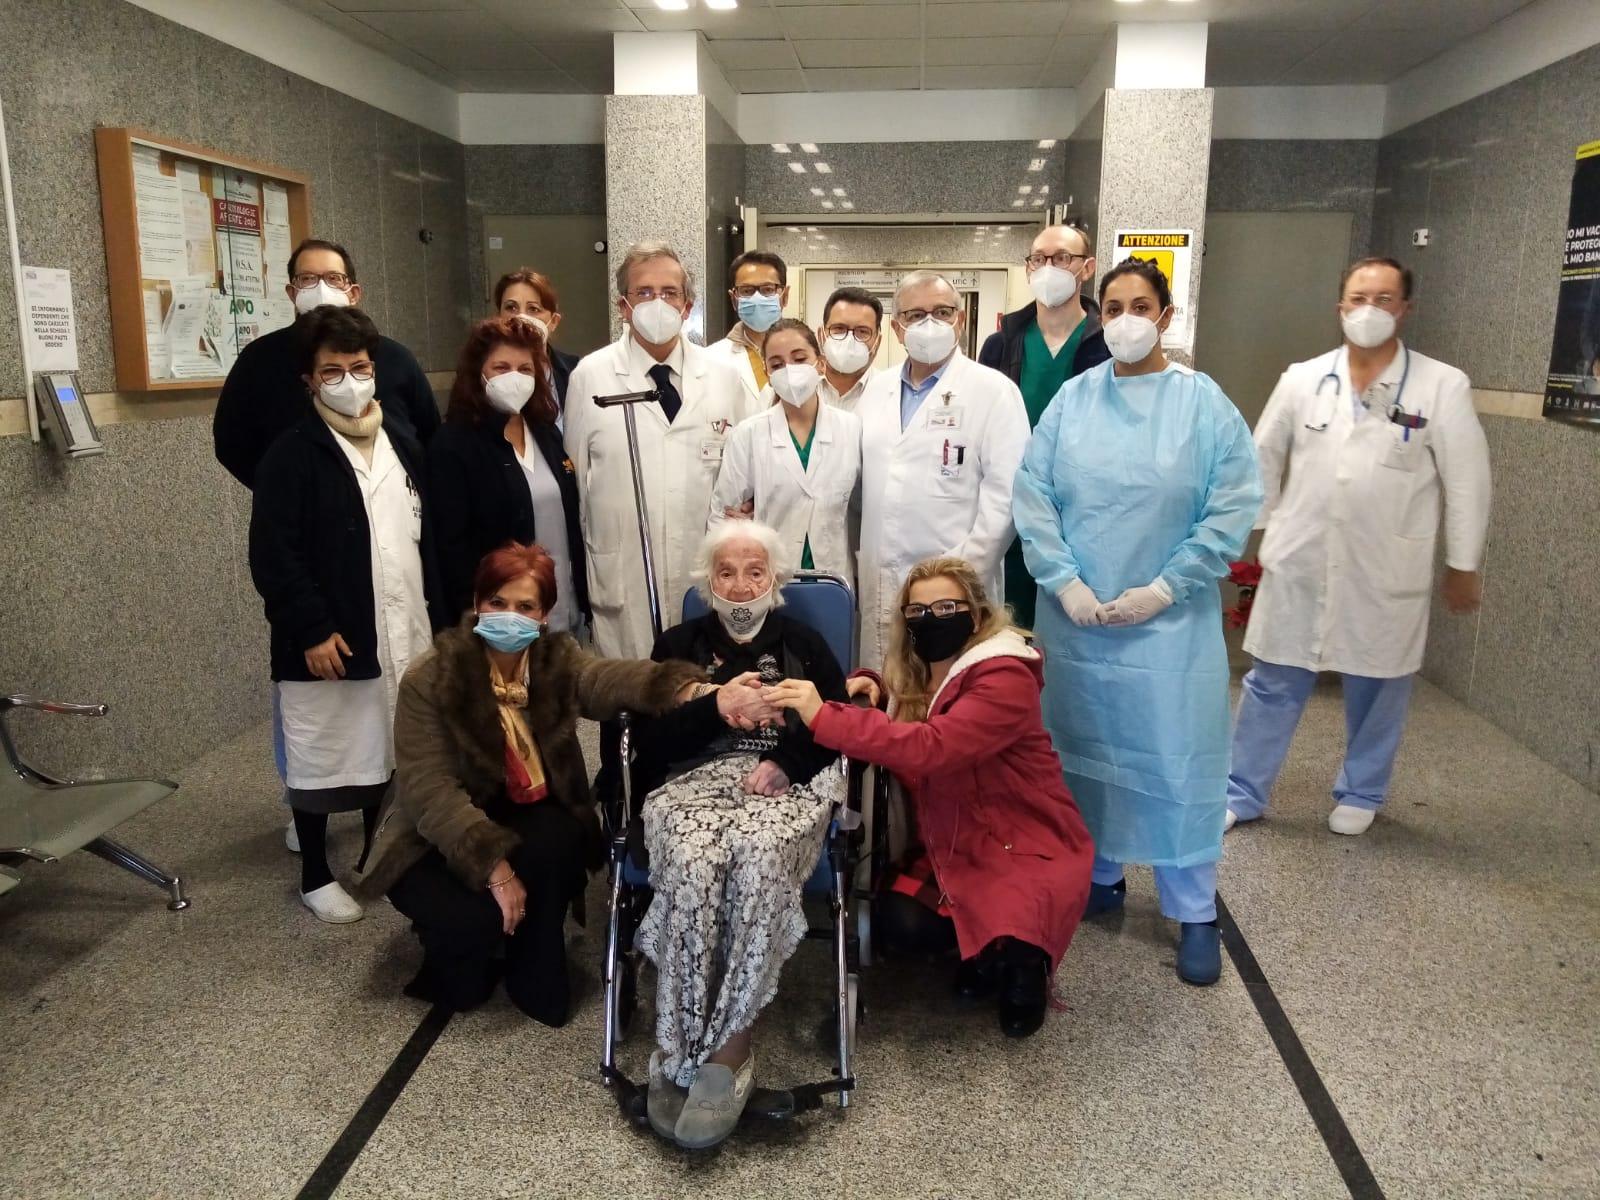 Coronavirus Sicilia, nonna Angela più forte della malattia: a 101 anni sconfigge il Covid e riabbraccia figli e nipoti